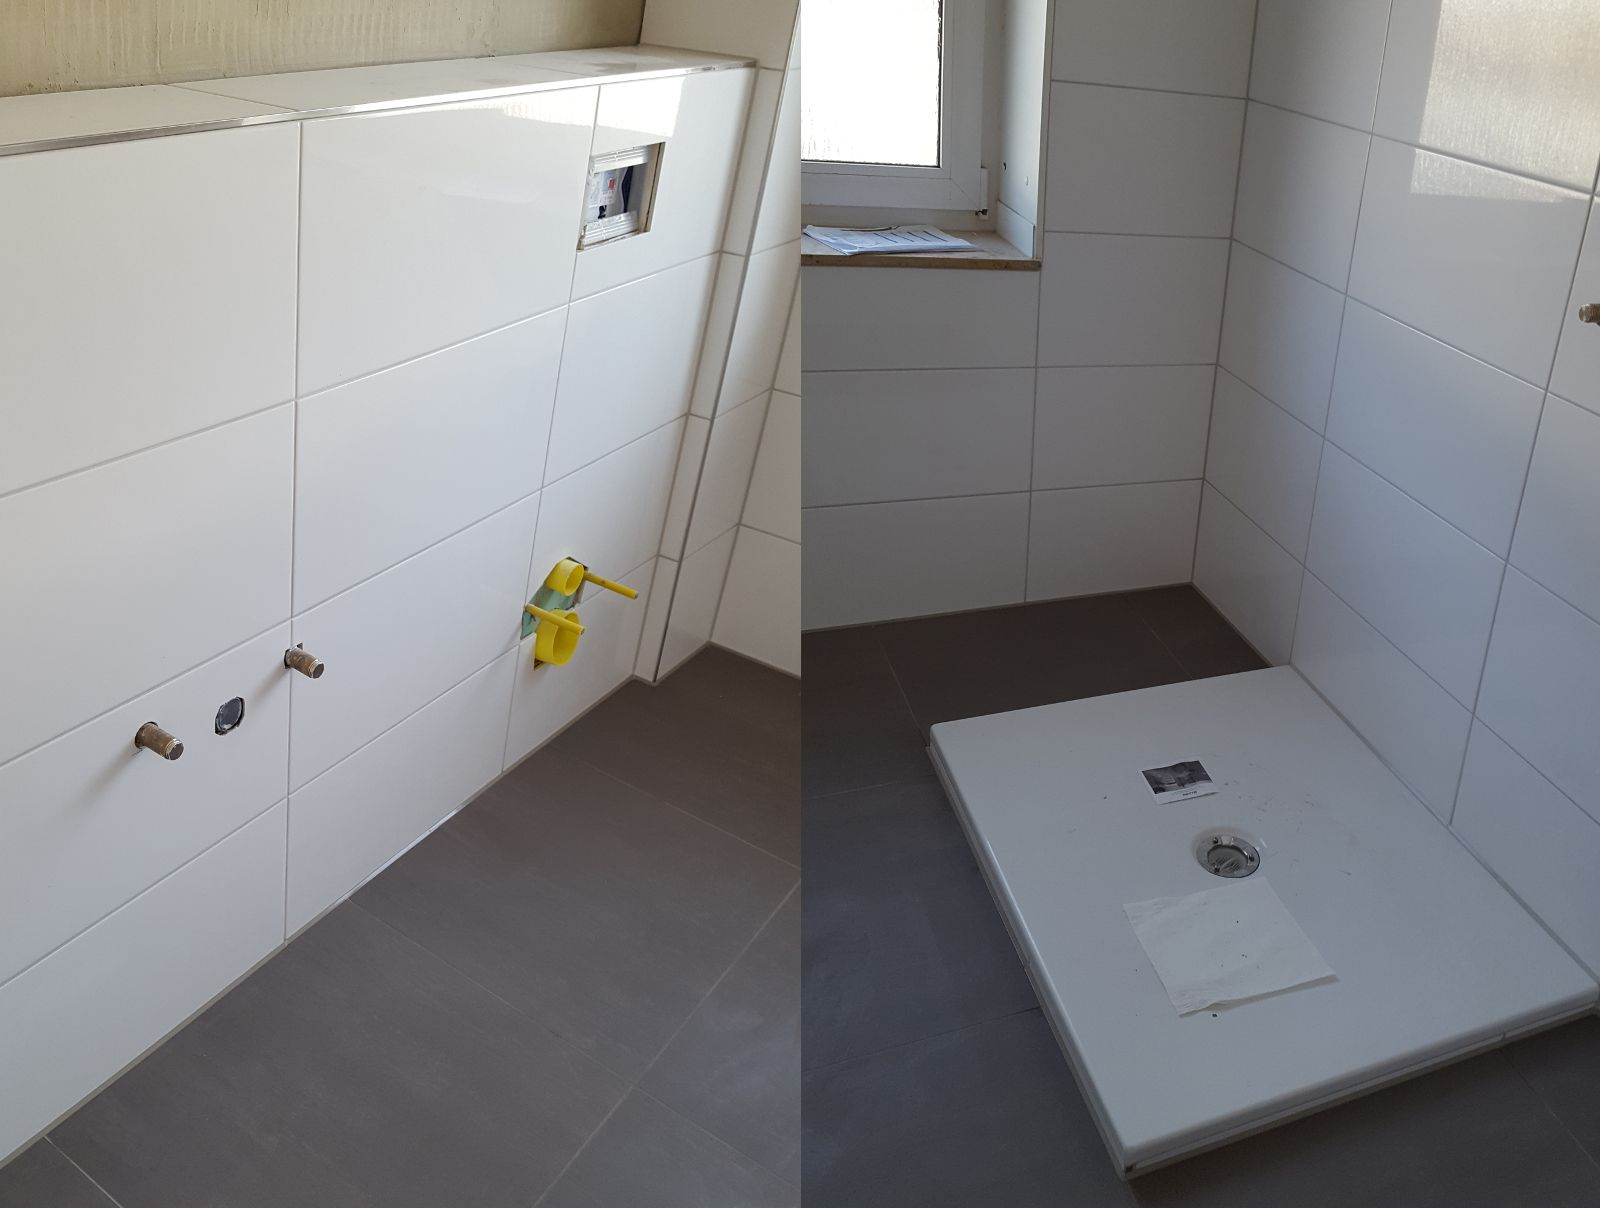 Renovierung Meines Bathroom Badezimmer Dunkle Bodenfliesen Und Helle Wandfliesen Badsanierung Badezimmer Sanierung